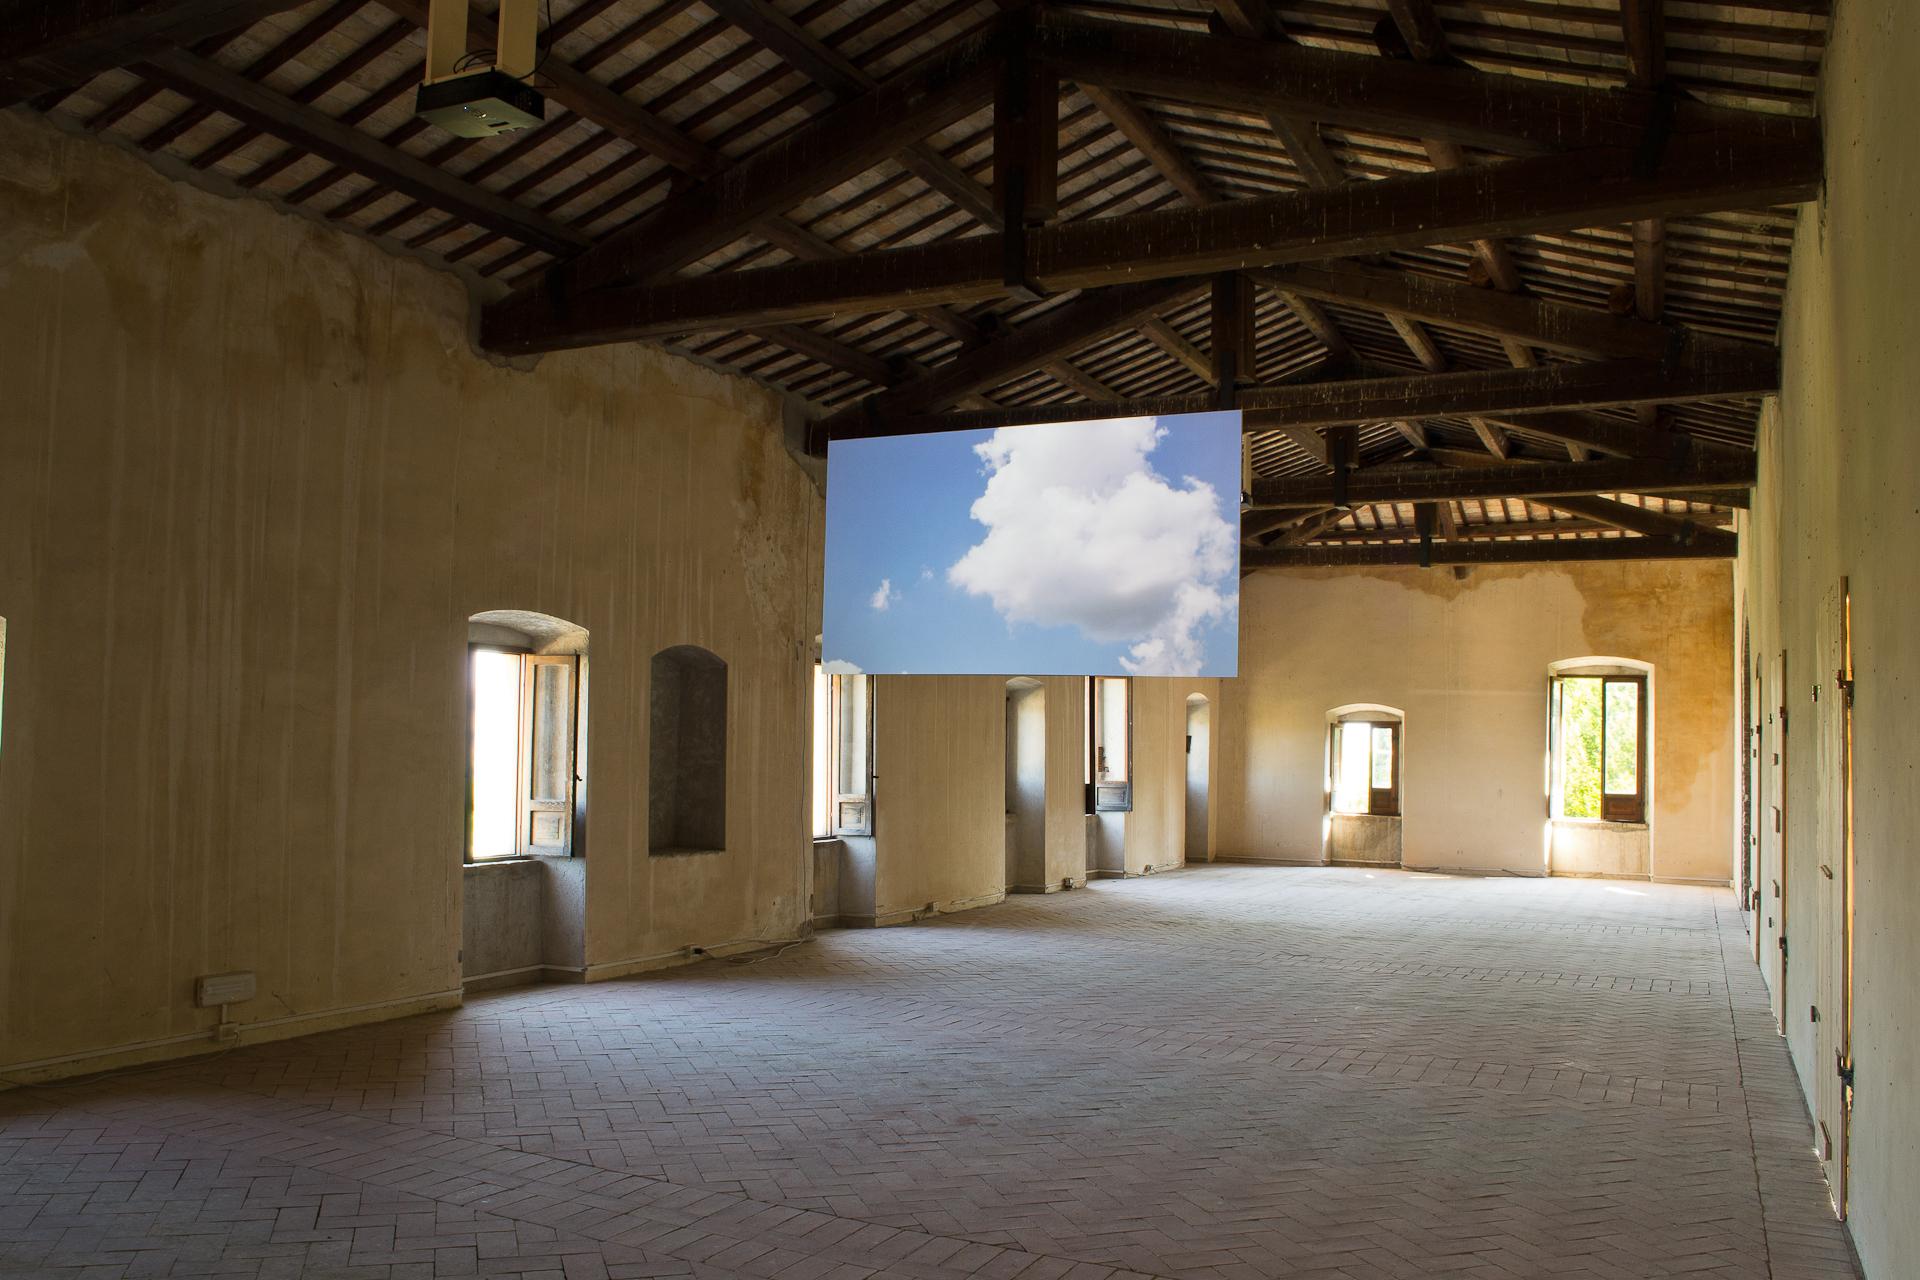 no time02 abbazia di prpezzano 08b